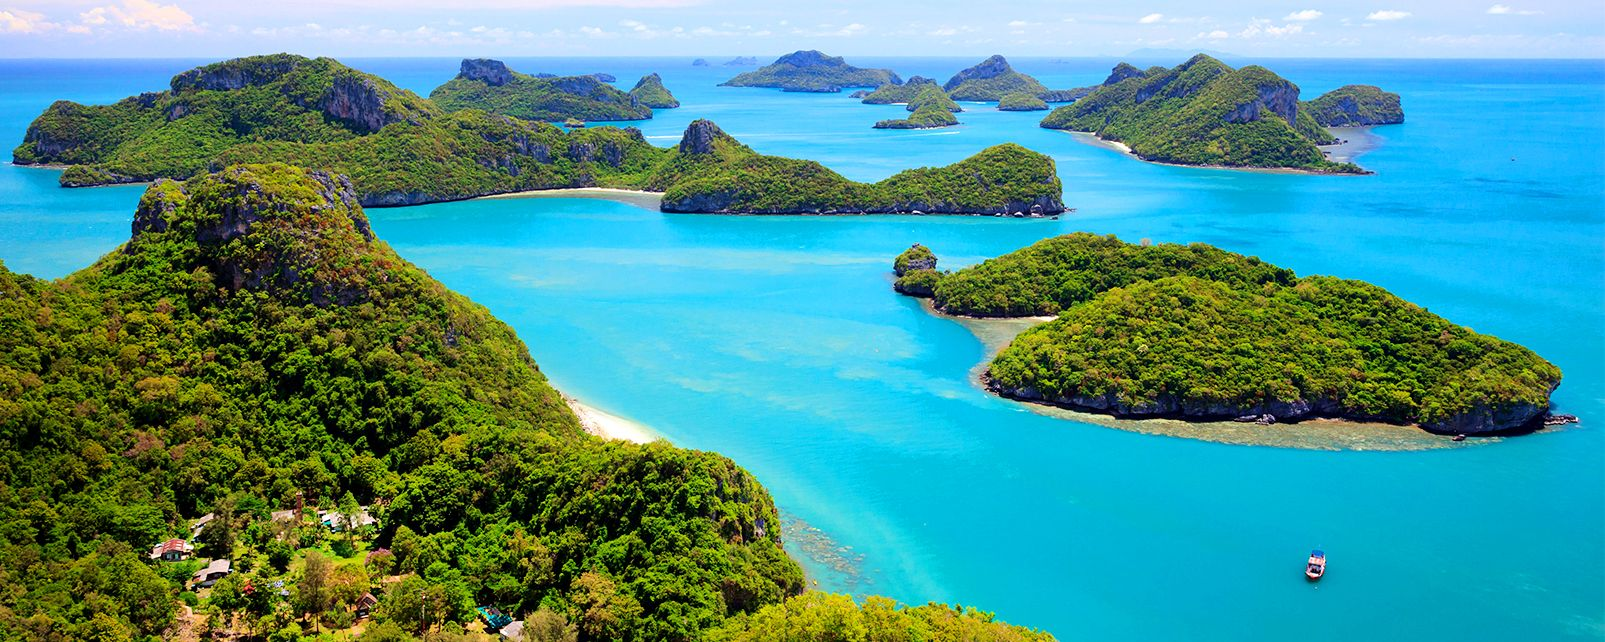 Spiaggia a Koh Samui, Le isole del golfo del Siam, Le rive, Thailandia